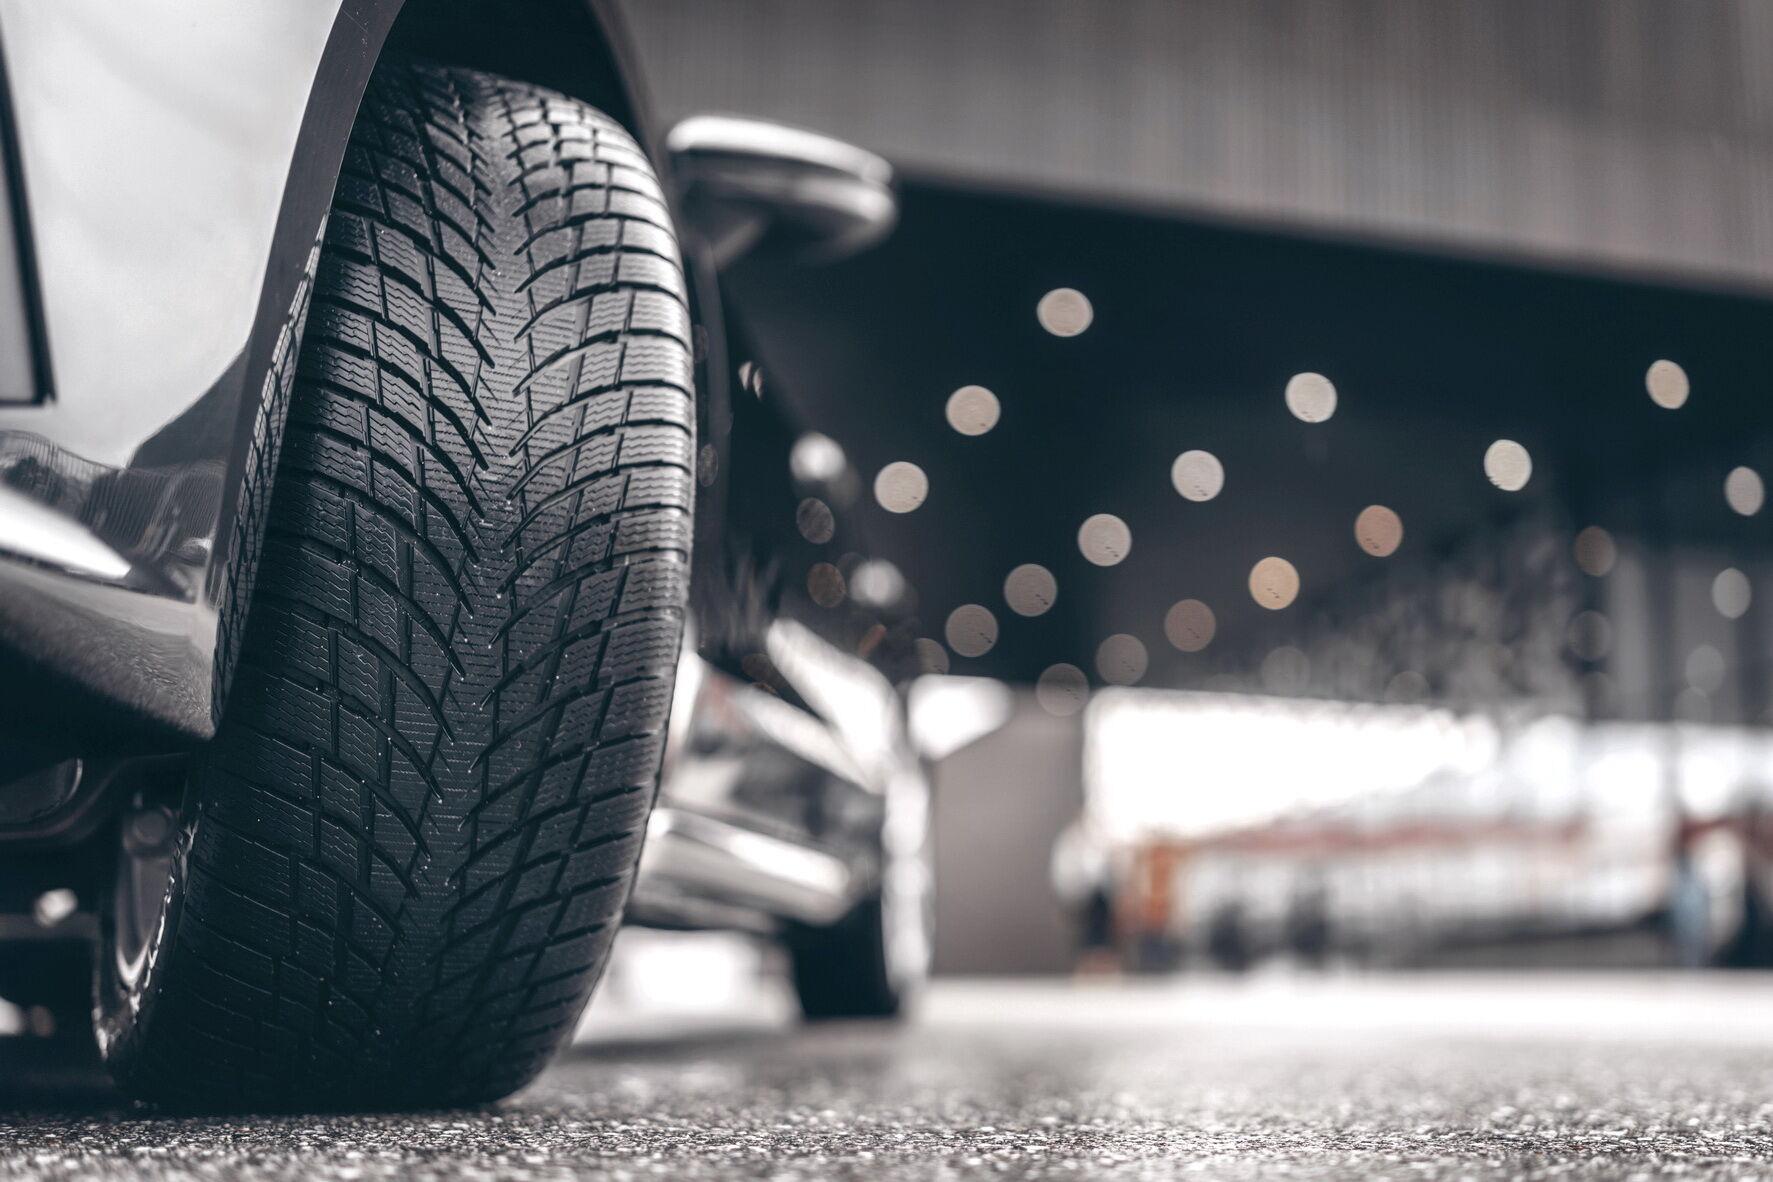 Nokian Snowproof Р относится к категории высокоскоростных UHP шин, а в ее создании принимал участие знаменитый финский гонщик Мика Хаккинен